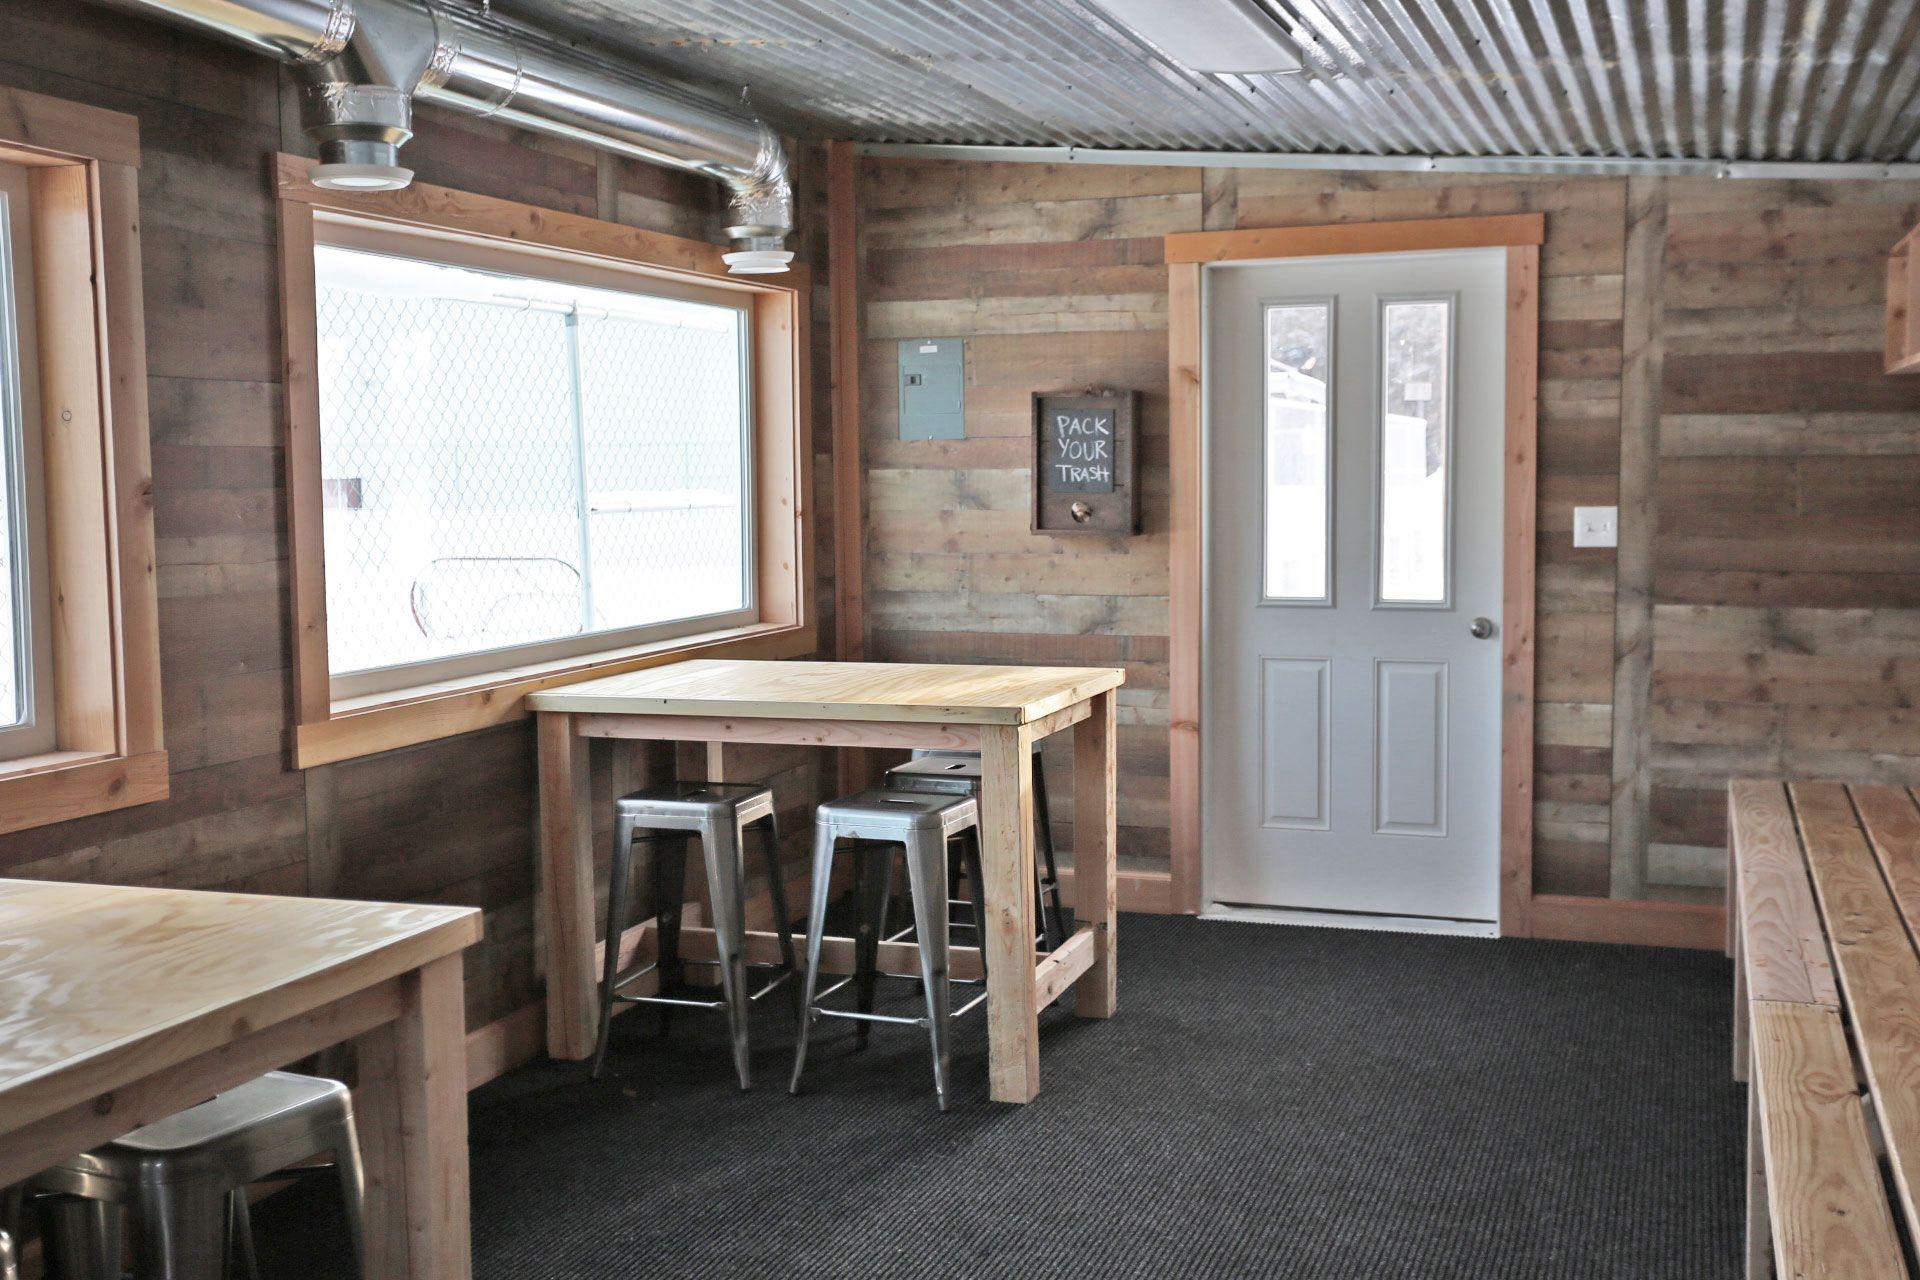 Counter Height Farmhouse Table for Four Farmhouse table